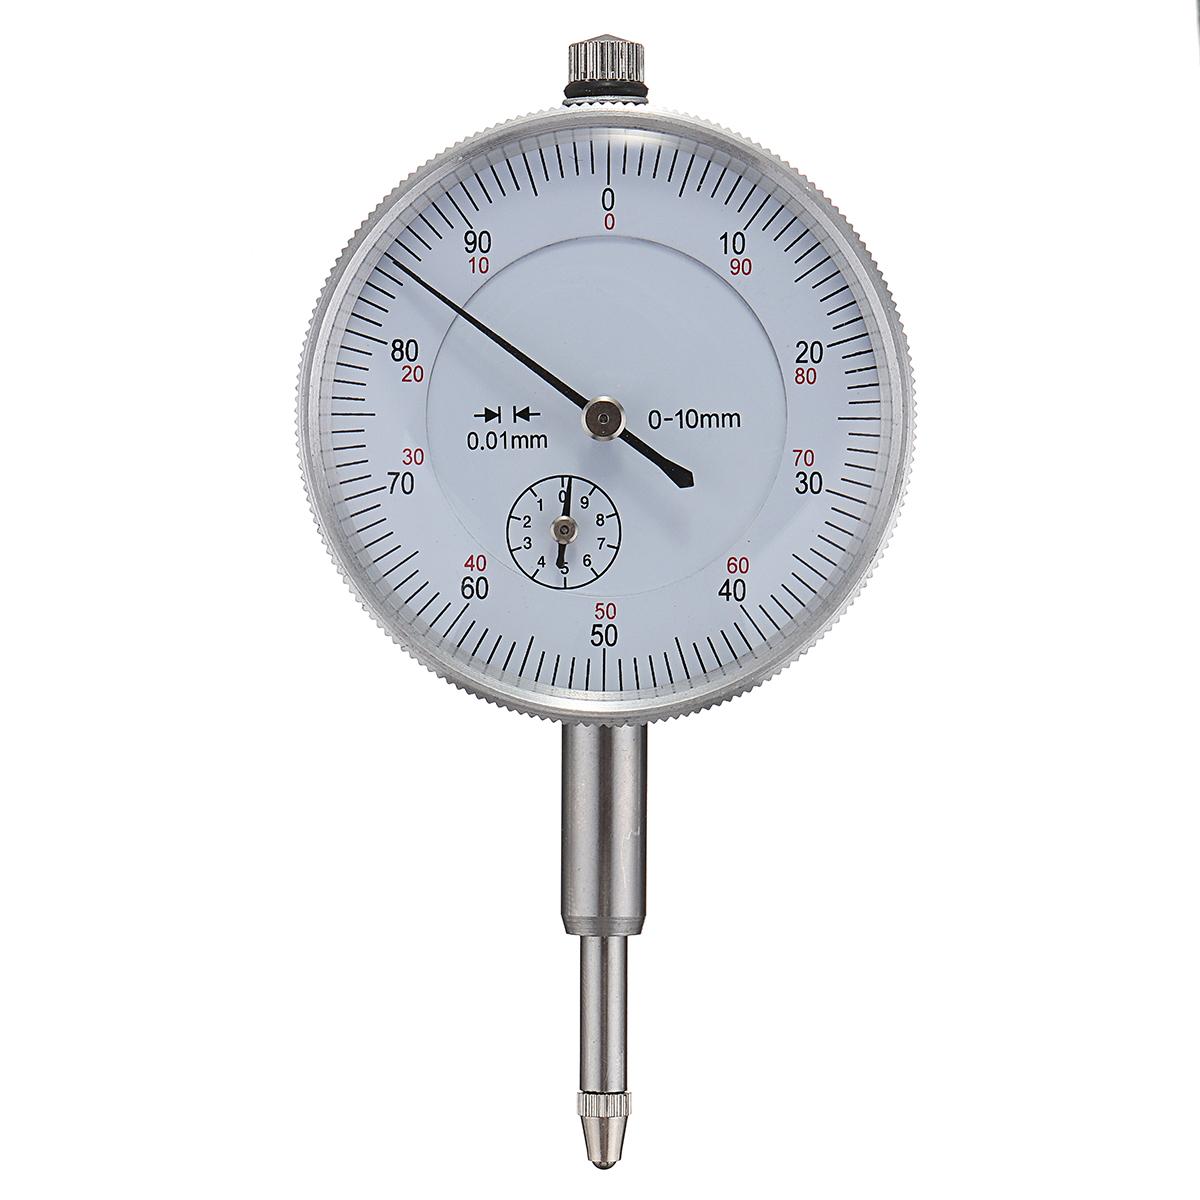 Прецизионный индикатор уровня индикатора измерения 0,001 '' Калибратор уровня градуса Шкала Метр